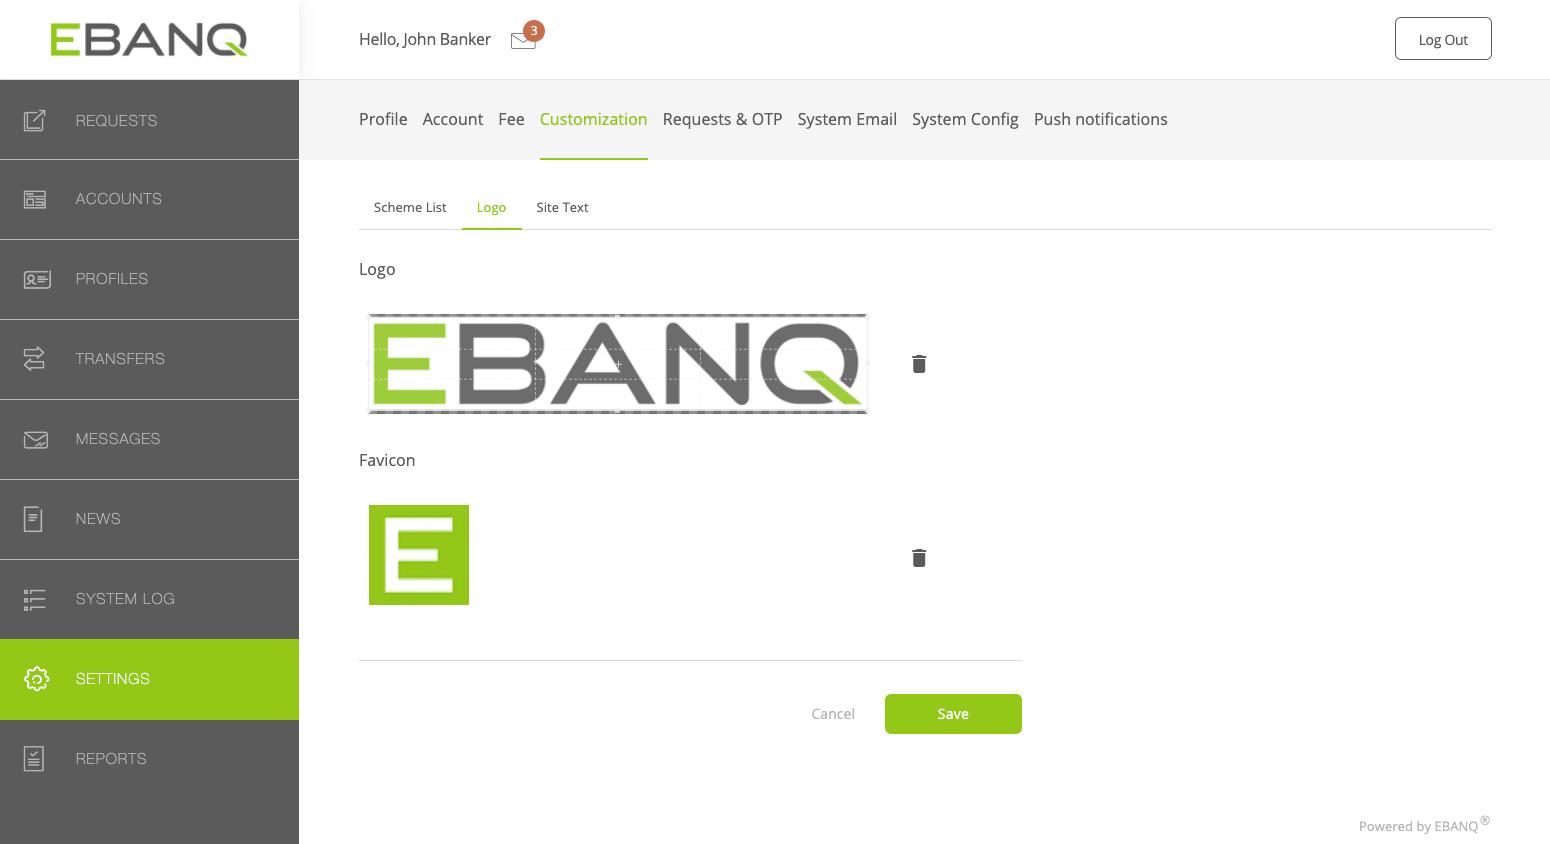 EBANQ Software - EBANQ logo